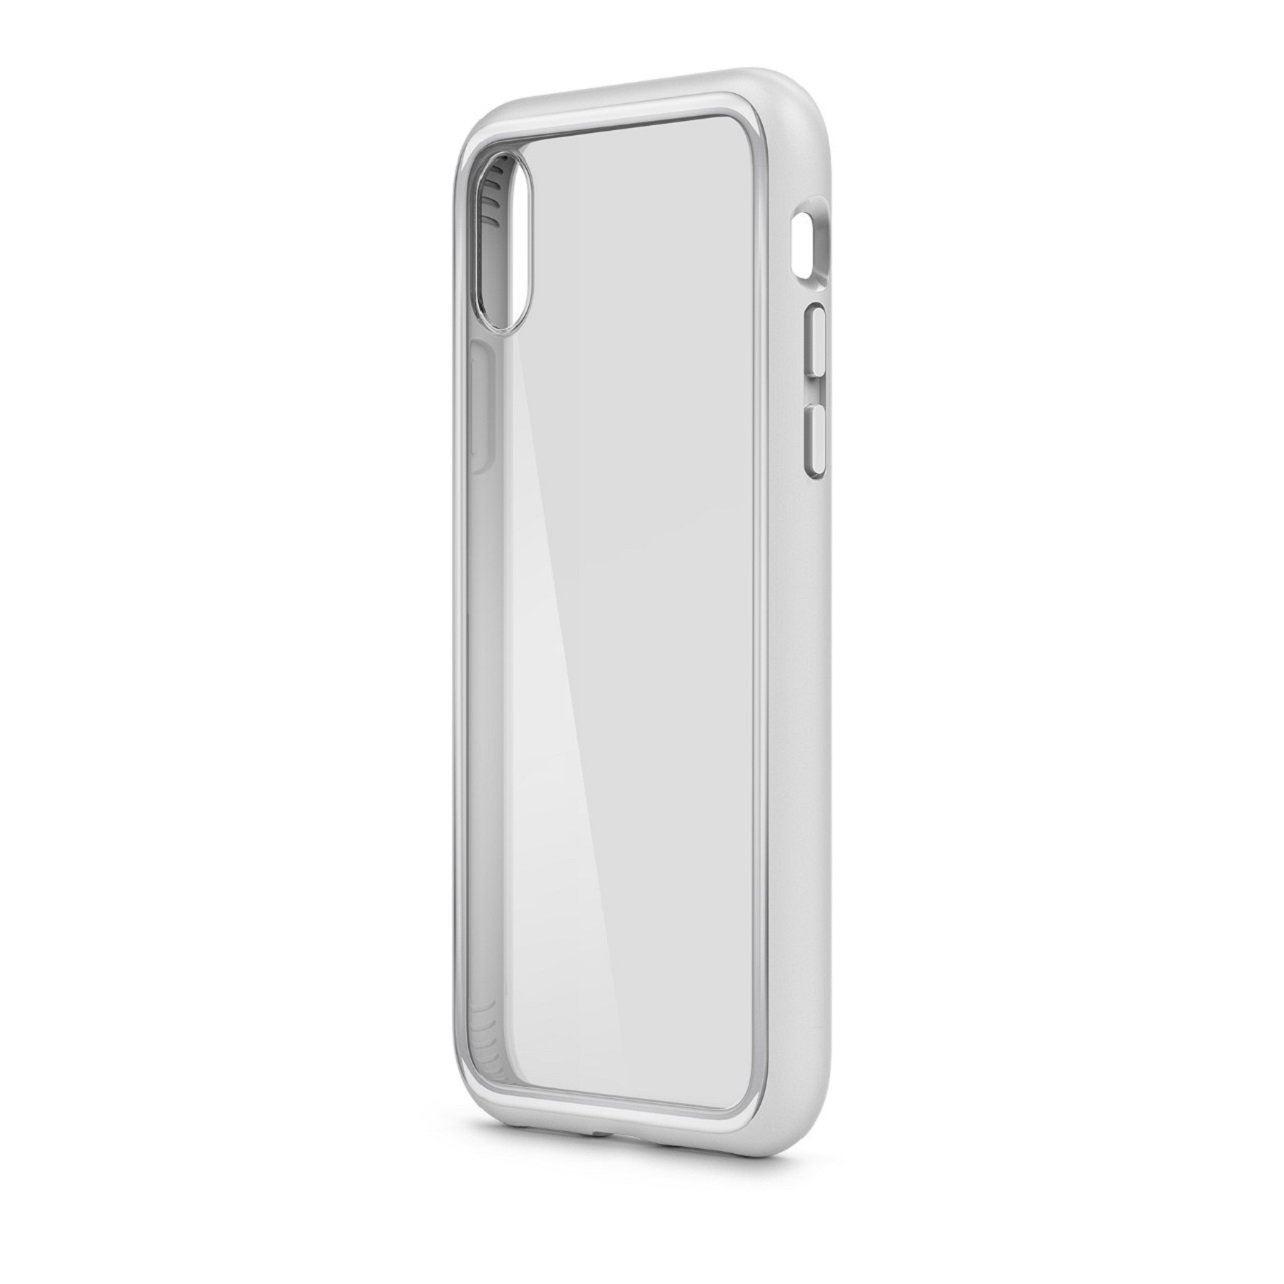 Indexbild 21 - Belkin sheerforce Elite Drop schützende resistente transparente Schutzhülle für iPhone x